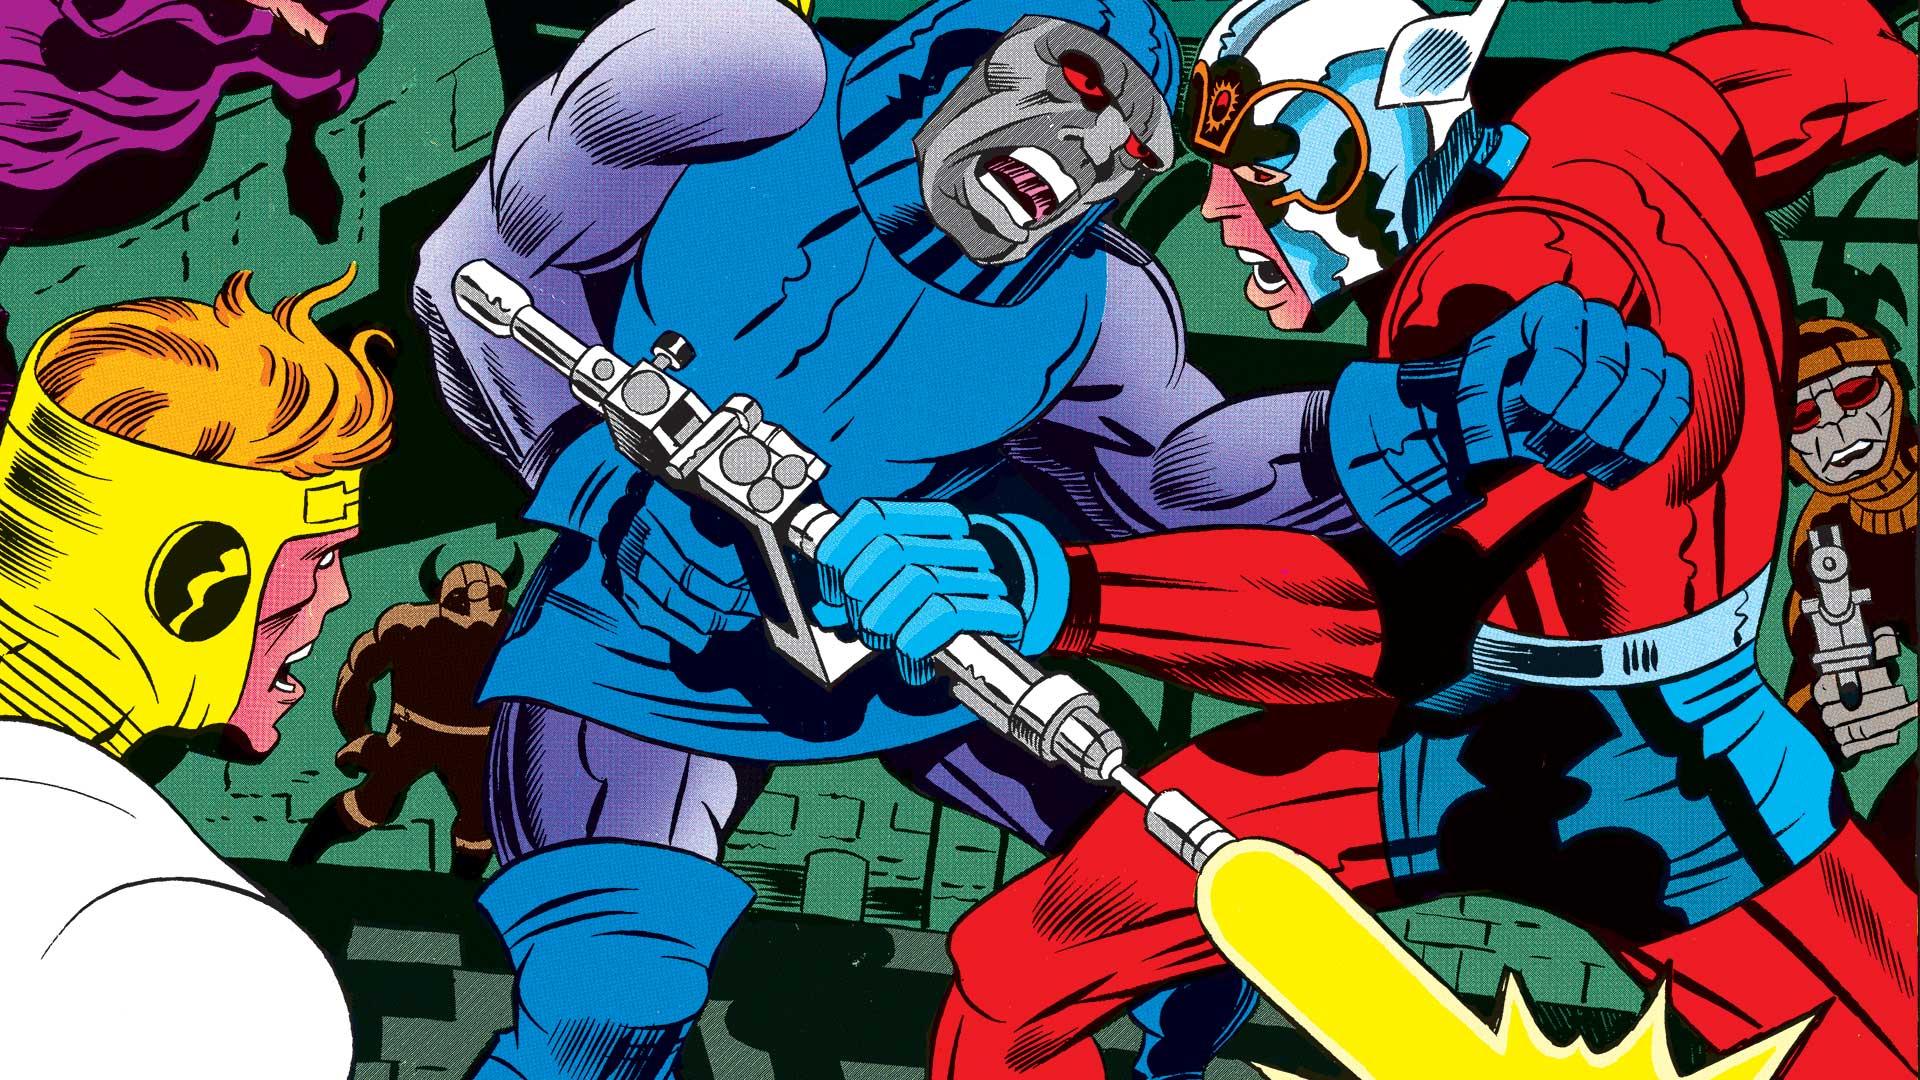 The New Gods - znany twórca komiksów napisze scenariusz filmu DC